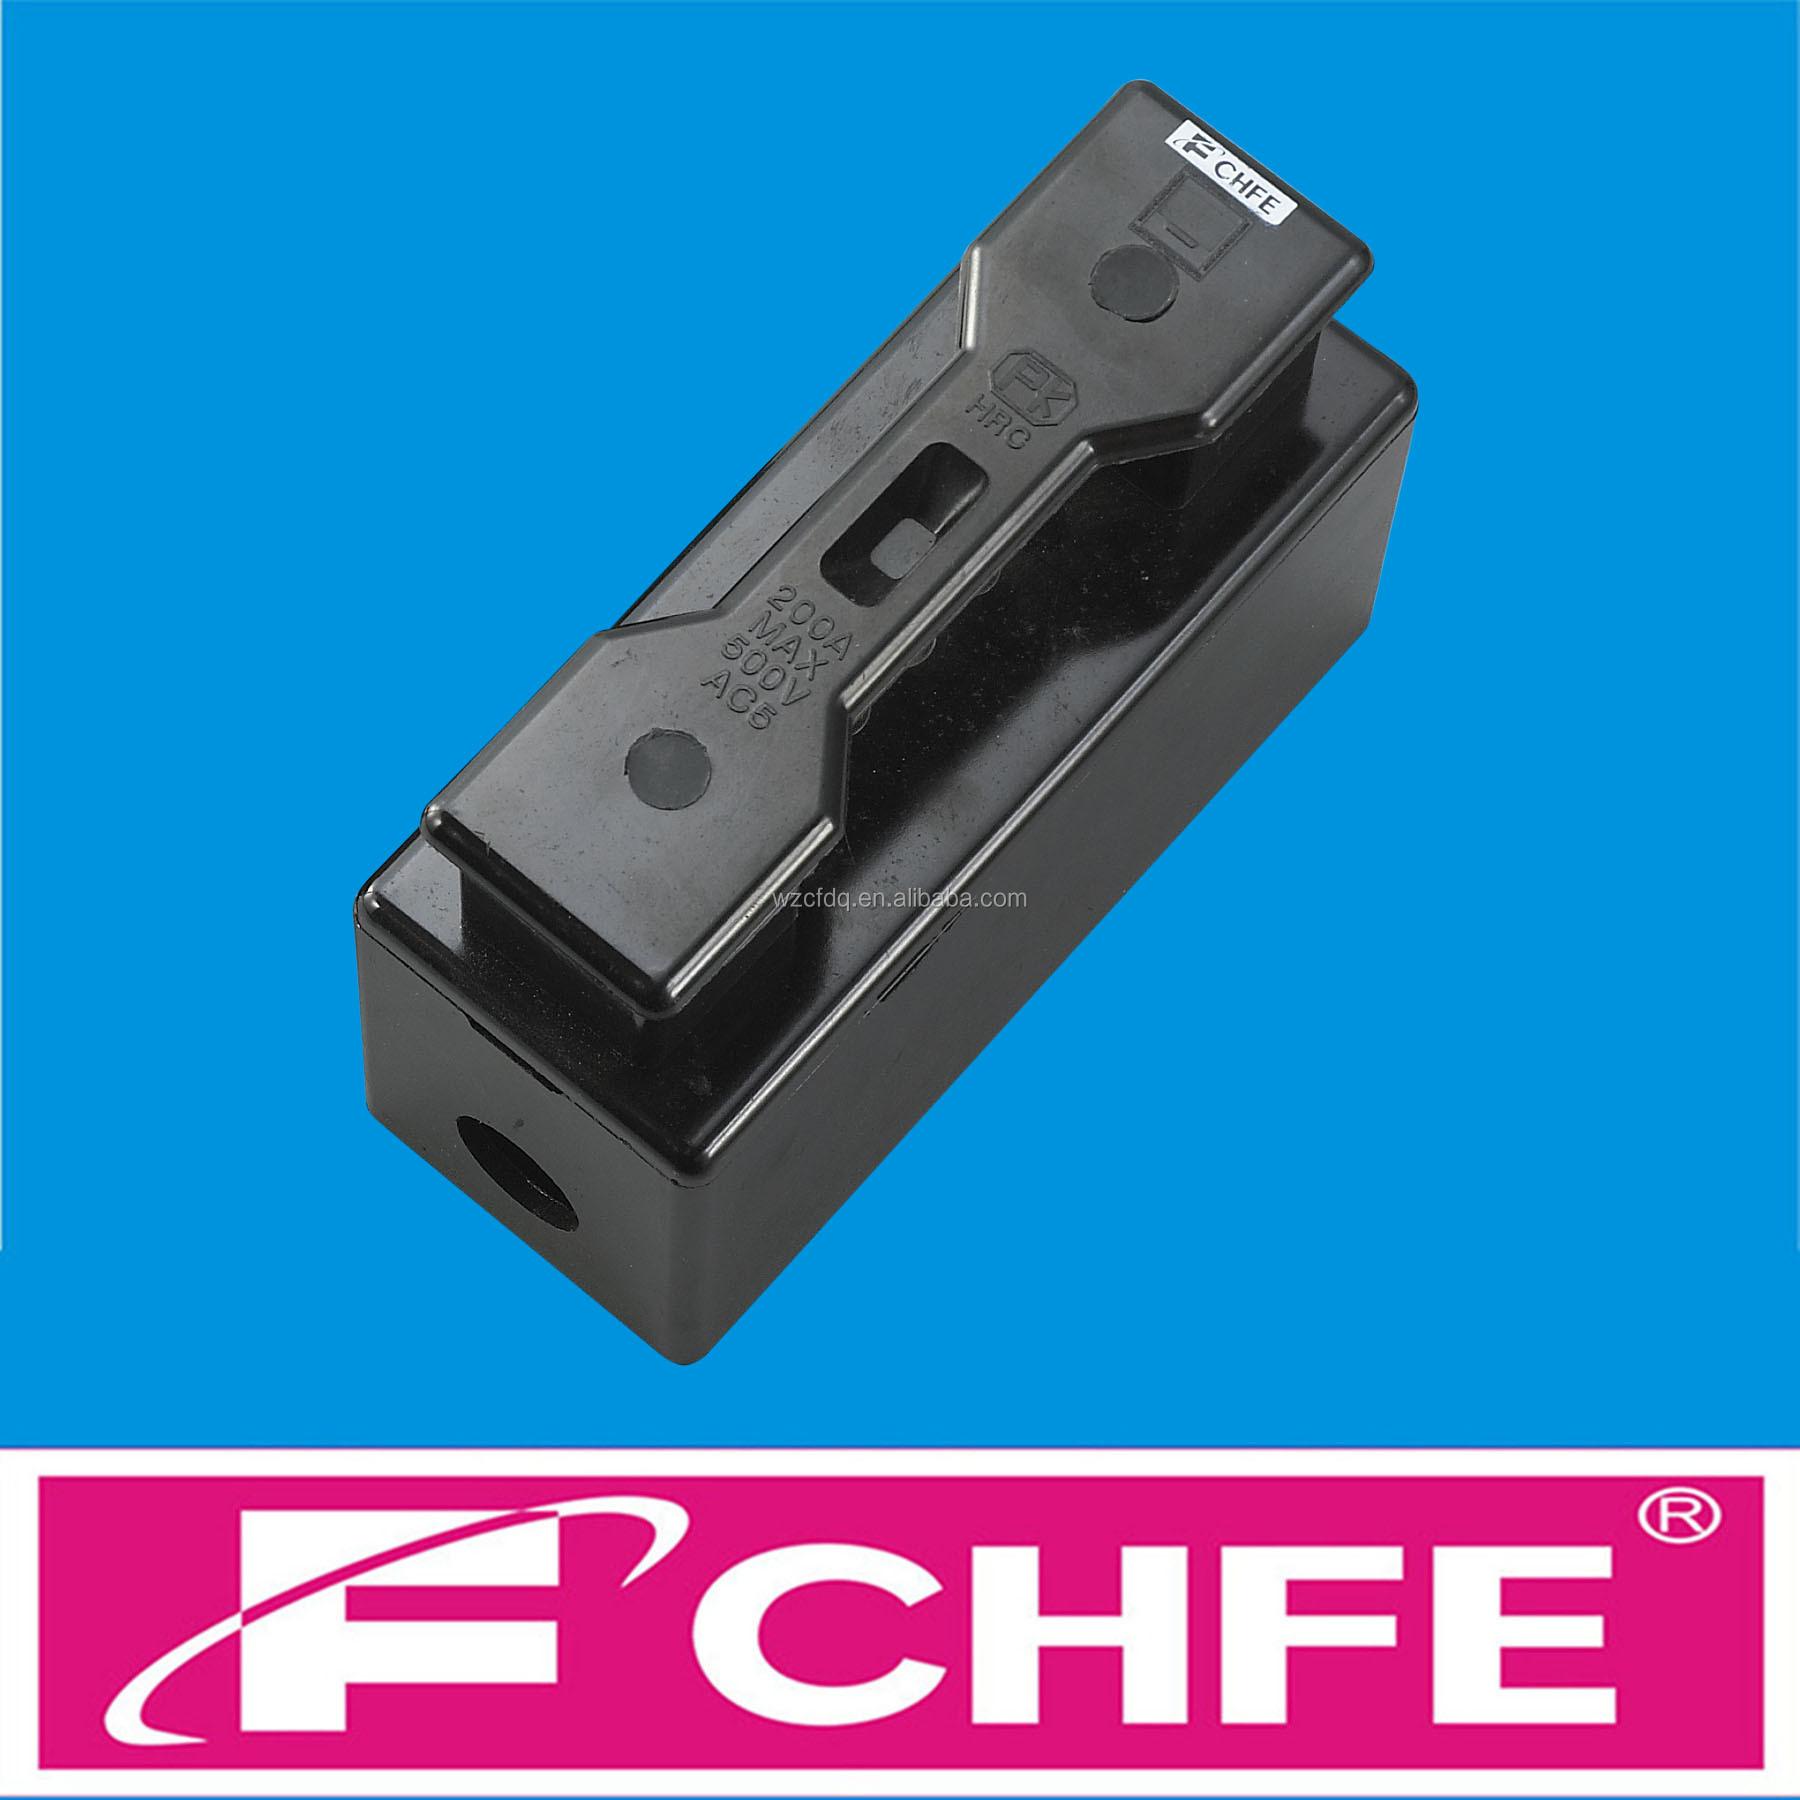 fuse box black hrc 200a black plastic fuse box fuse cutout buy hrc fuse fuse  hrc 200a black plastic fuse box fuse